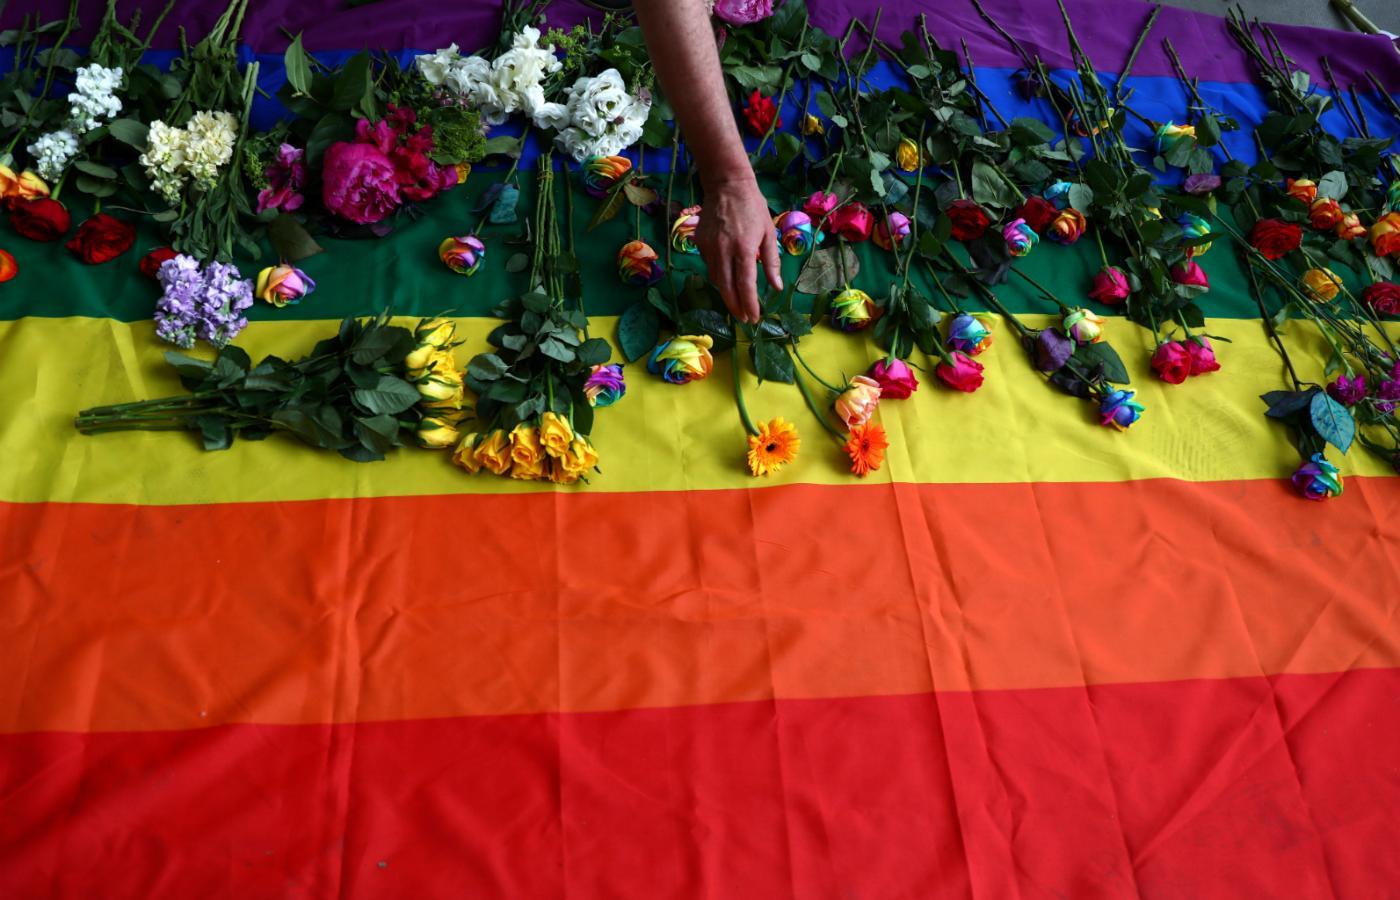 anonimowy blog dla gejów bardzo gorący seks lesbijski